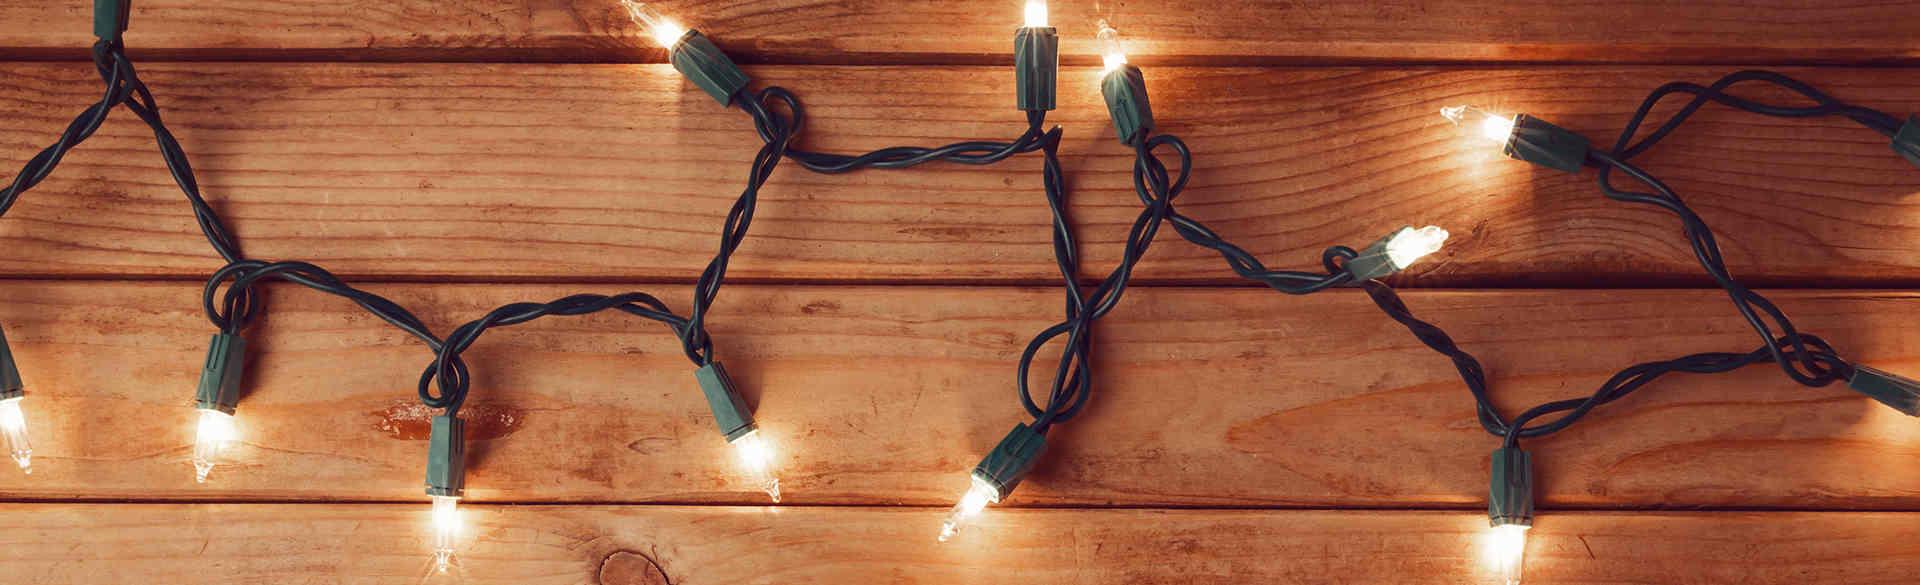 Boże Narodzenie kojarzy się z oświetleniem świątecznym. Led to technologia jaką proponujemy